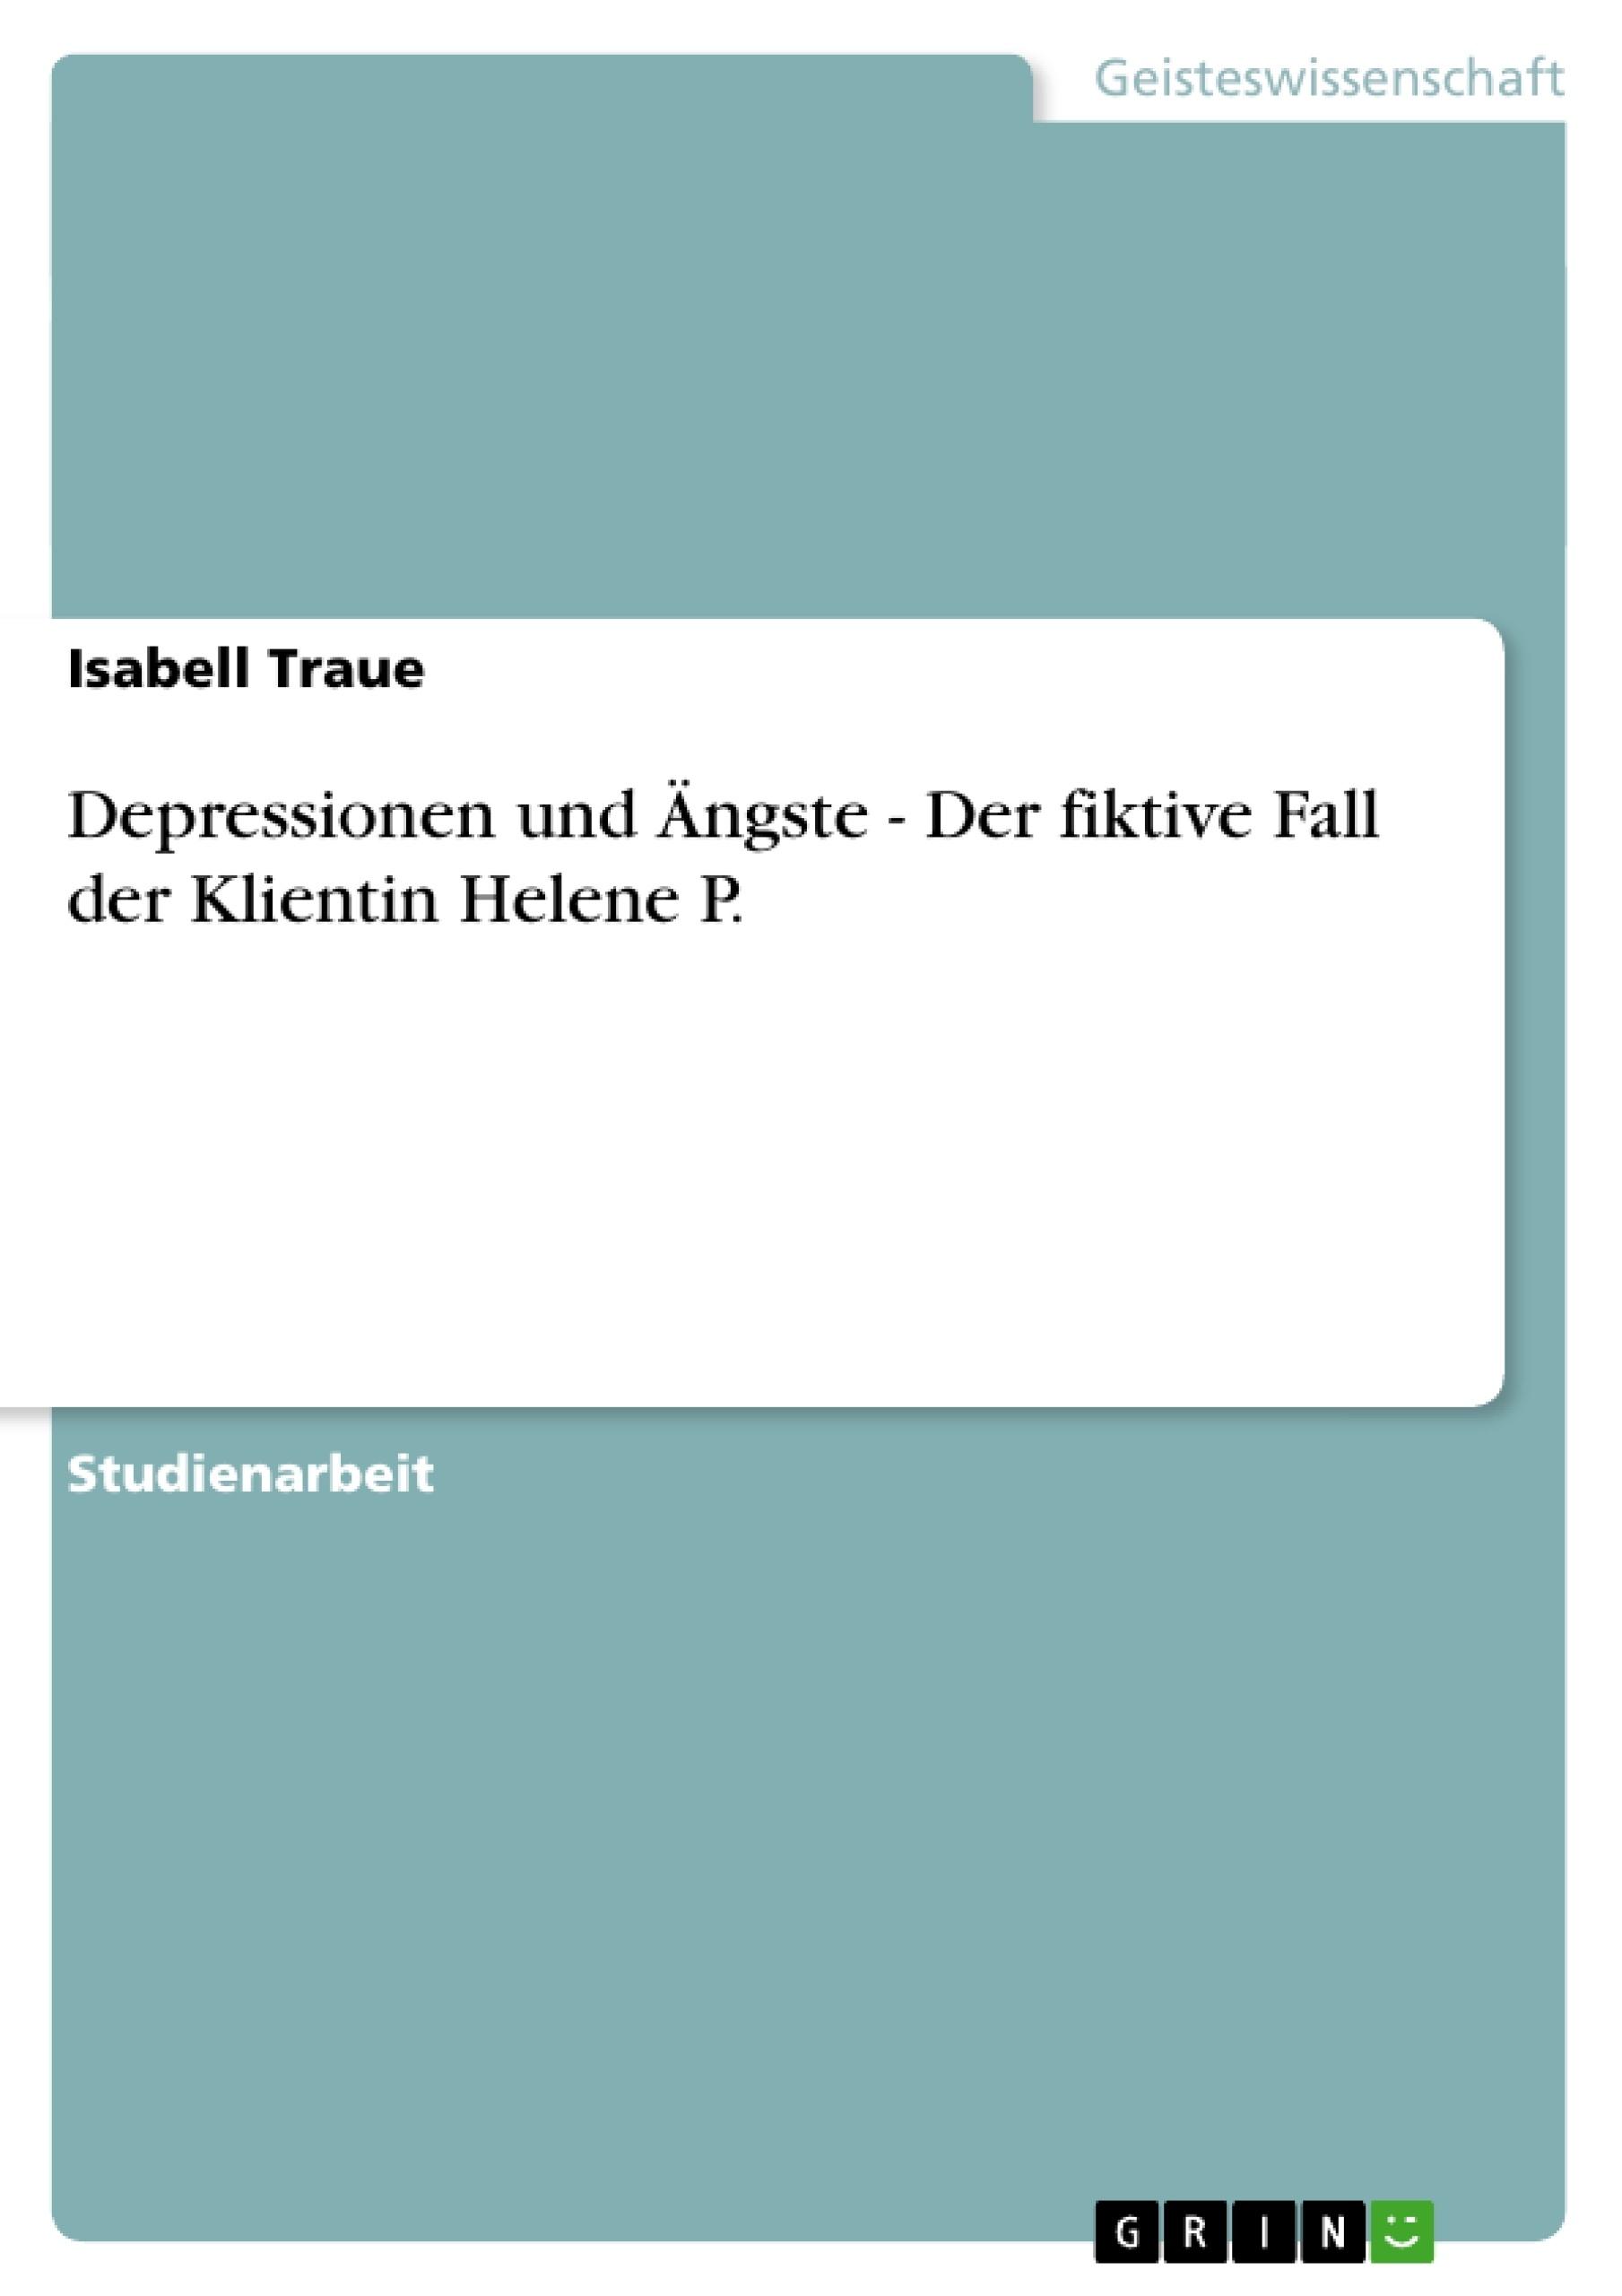 Titel: Depressionen und Ängste - Der  fiktive Fall der Klientin Helene P.